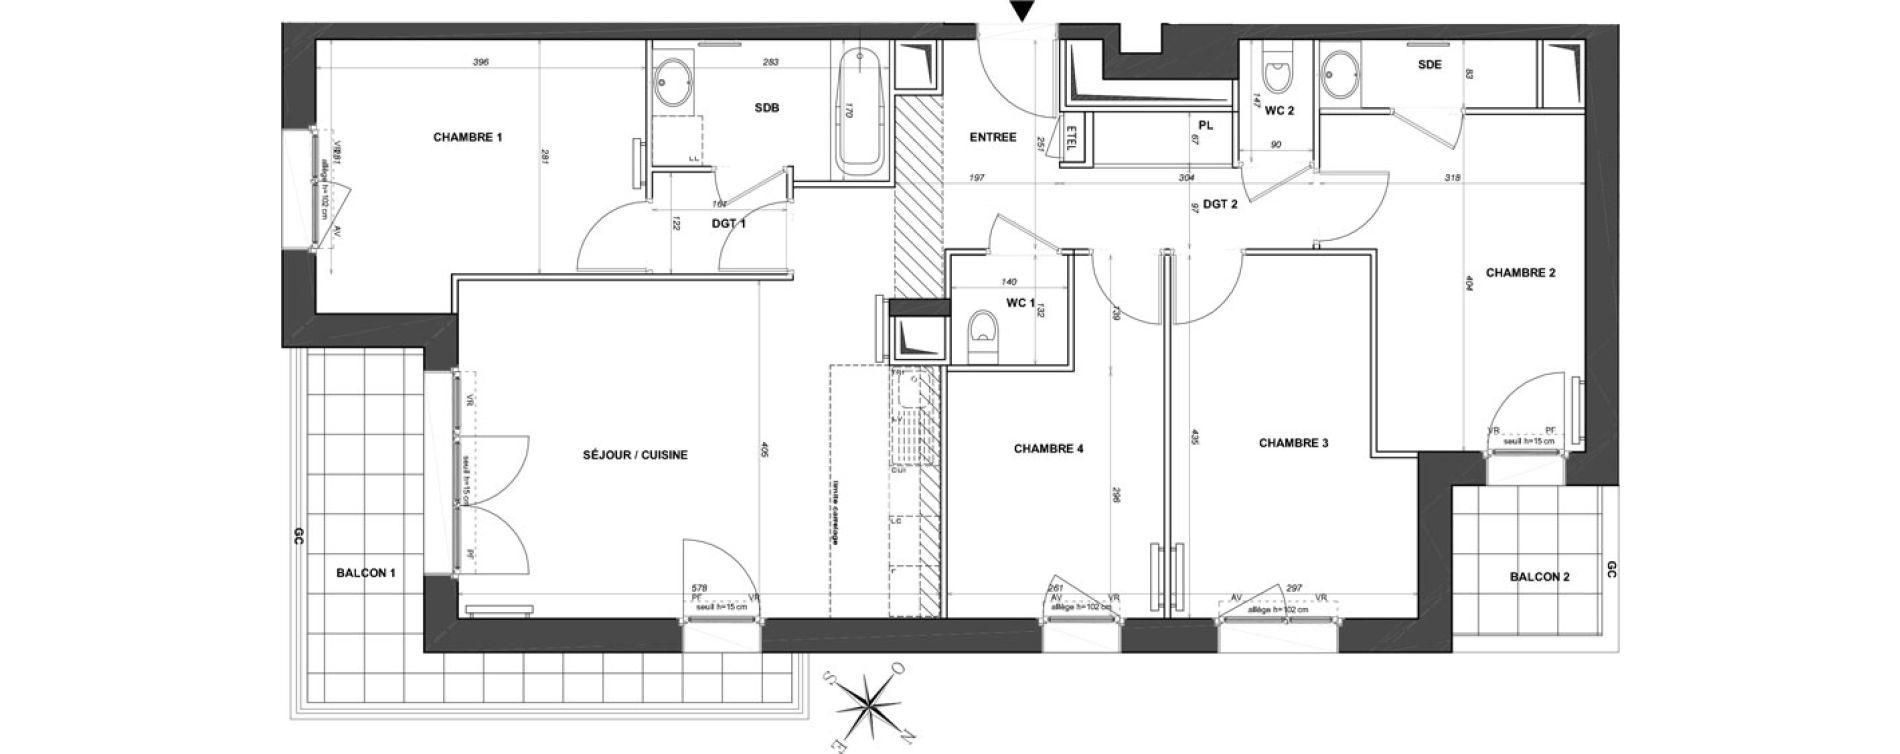 Appartement T5 de 88,76 m2 à Saint-Maur-Des-Fossés La varenne saint hilaire